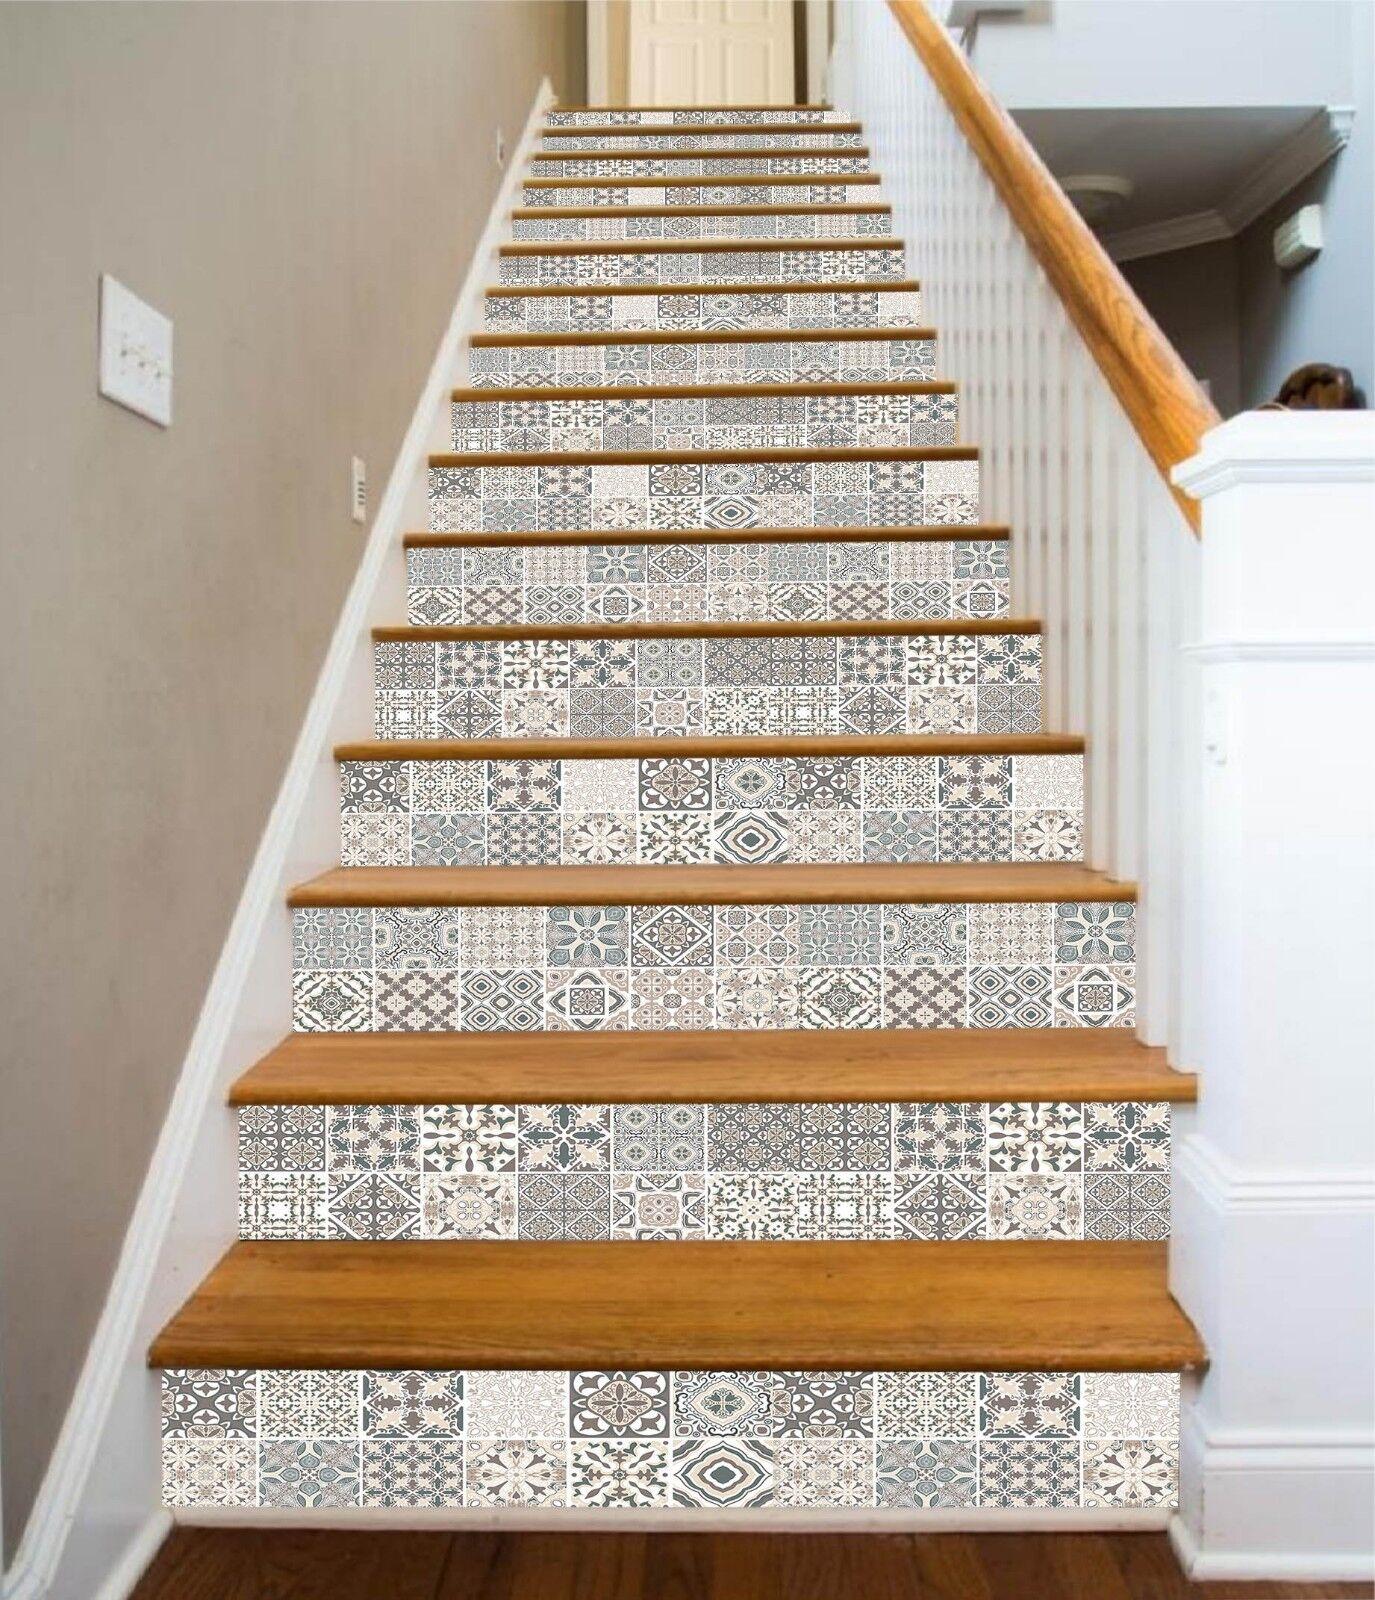 3D Karierte Blaume 7 Fliese Marmor Stair Risers Fototapete Vinyl Aufkleber Tapete